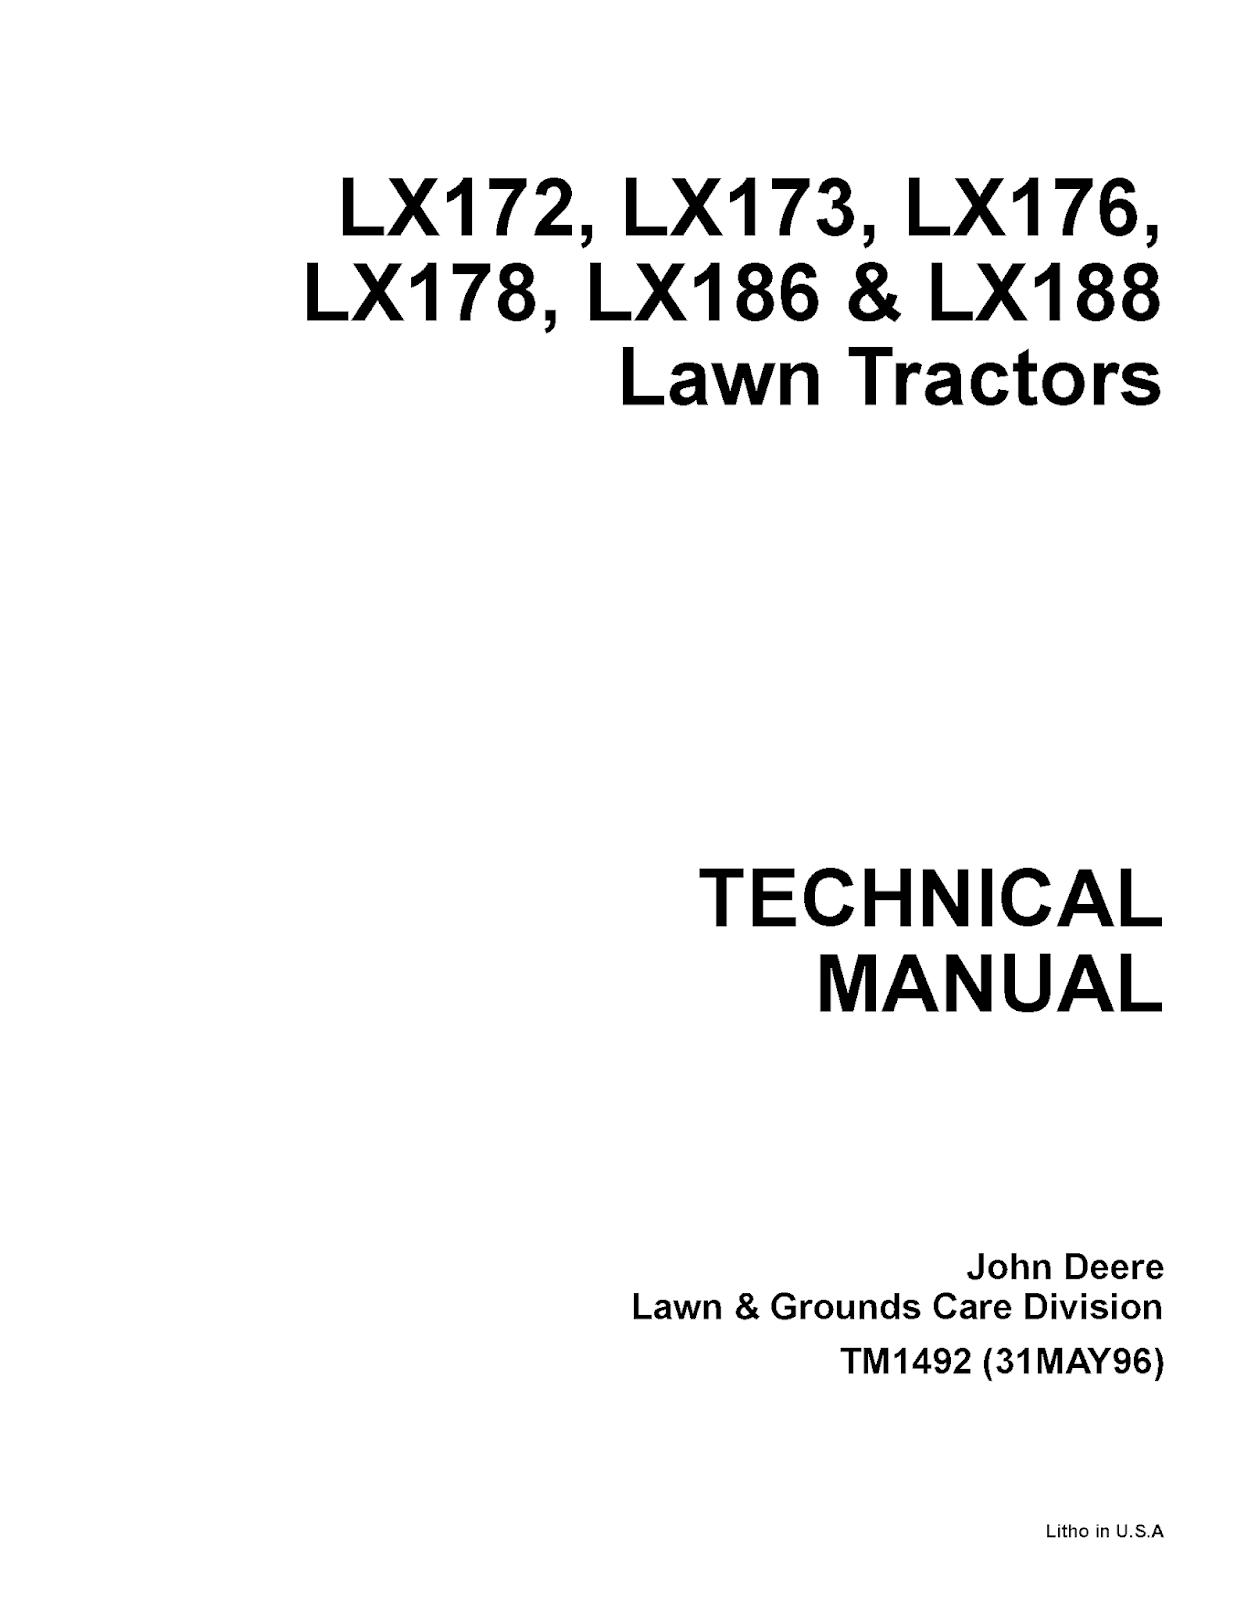 John Deere LX40 Manual